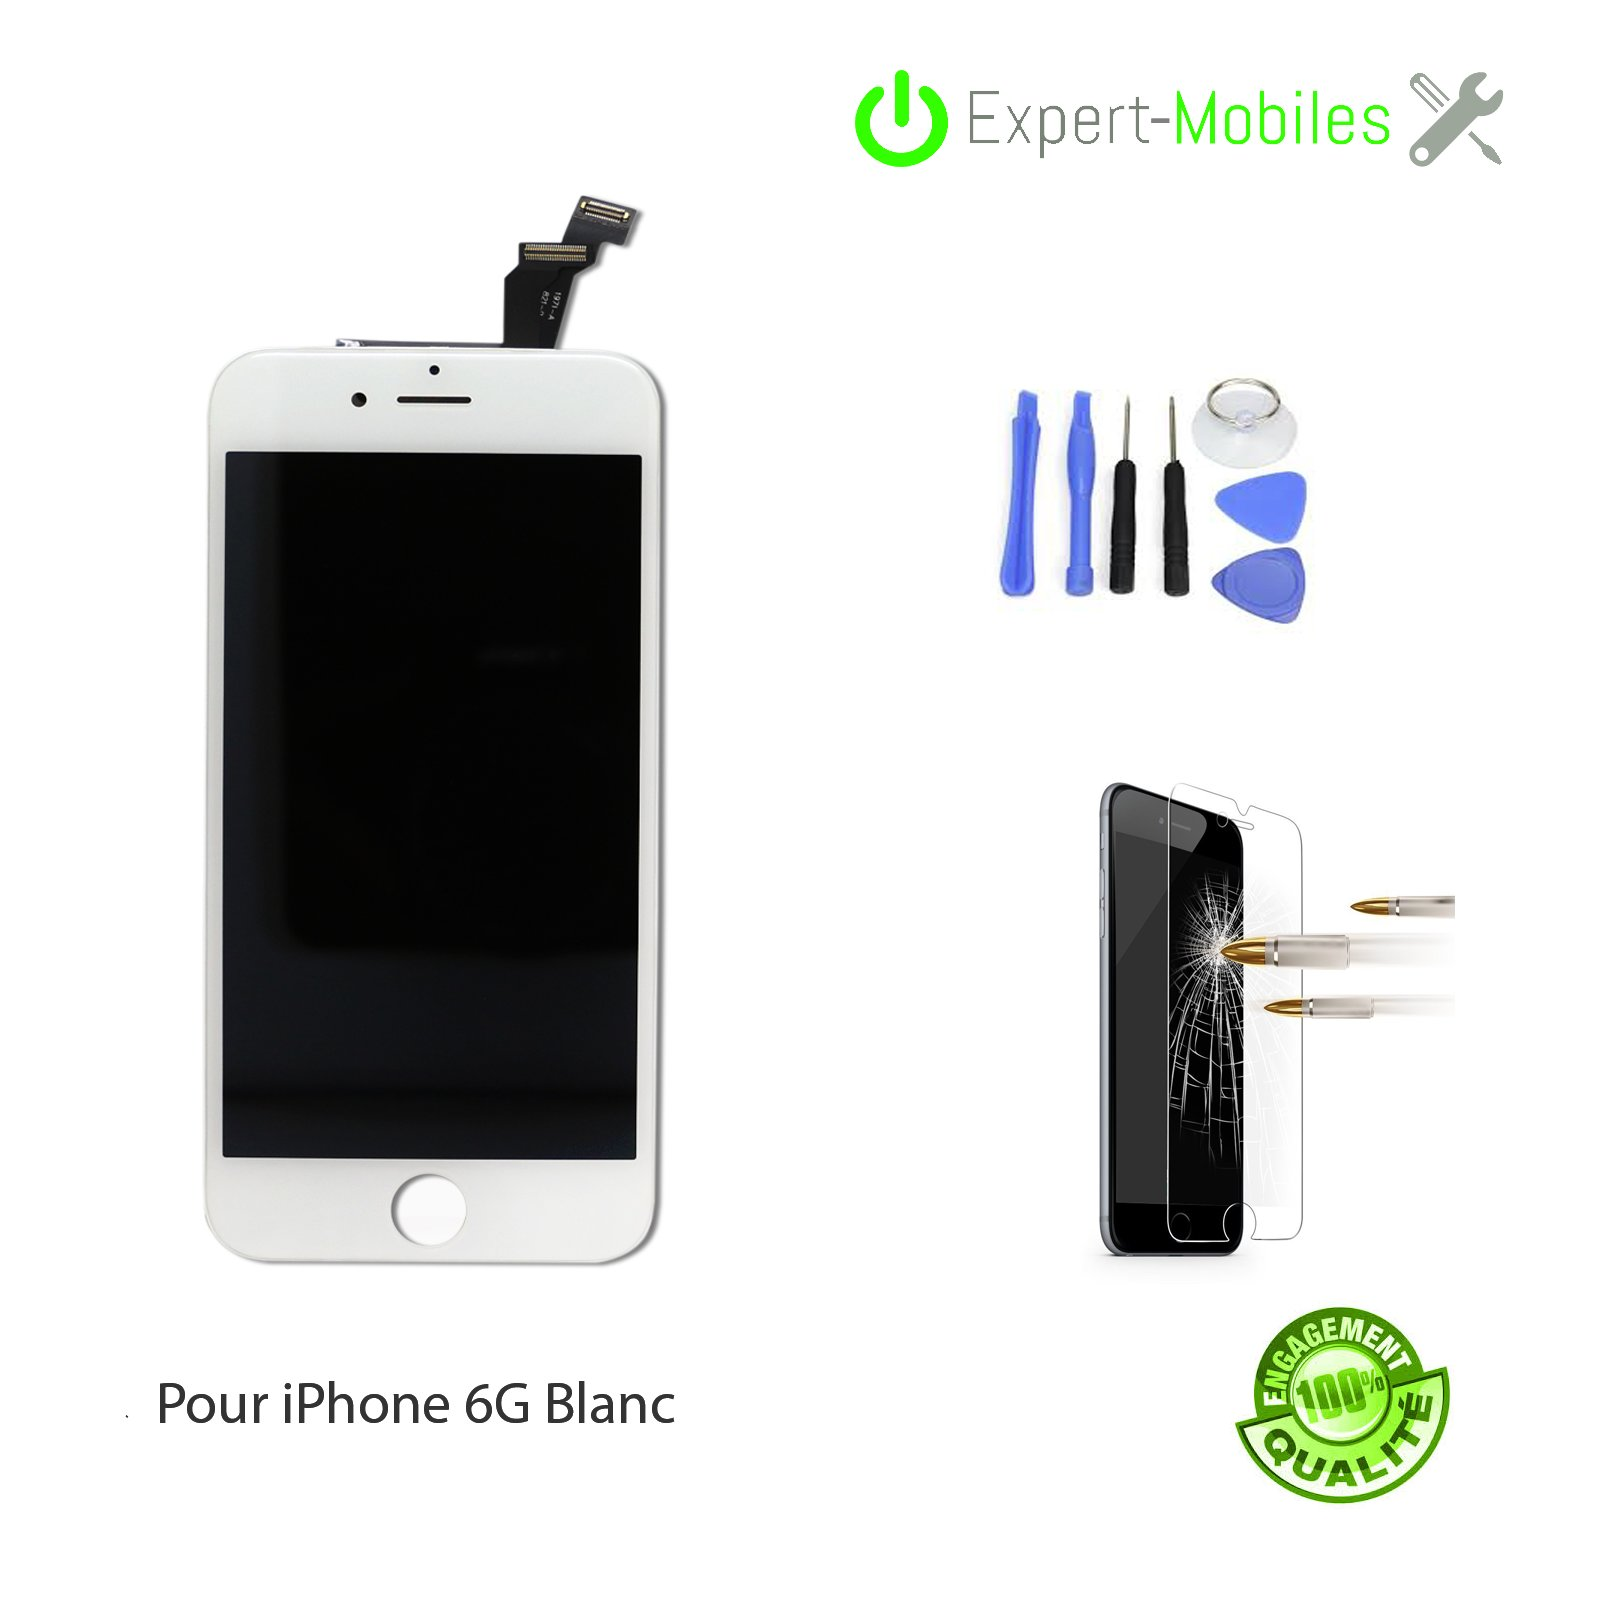 Ecran 6g blanc outils verre tremp qualit premium e - Reparation telephone lorient ...